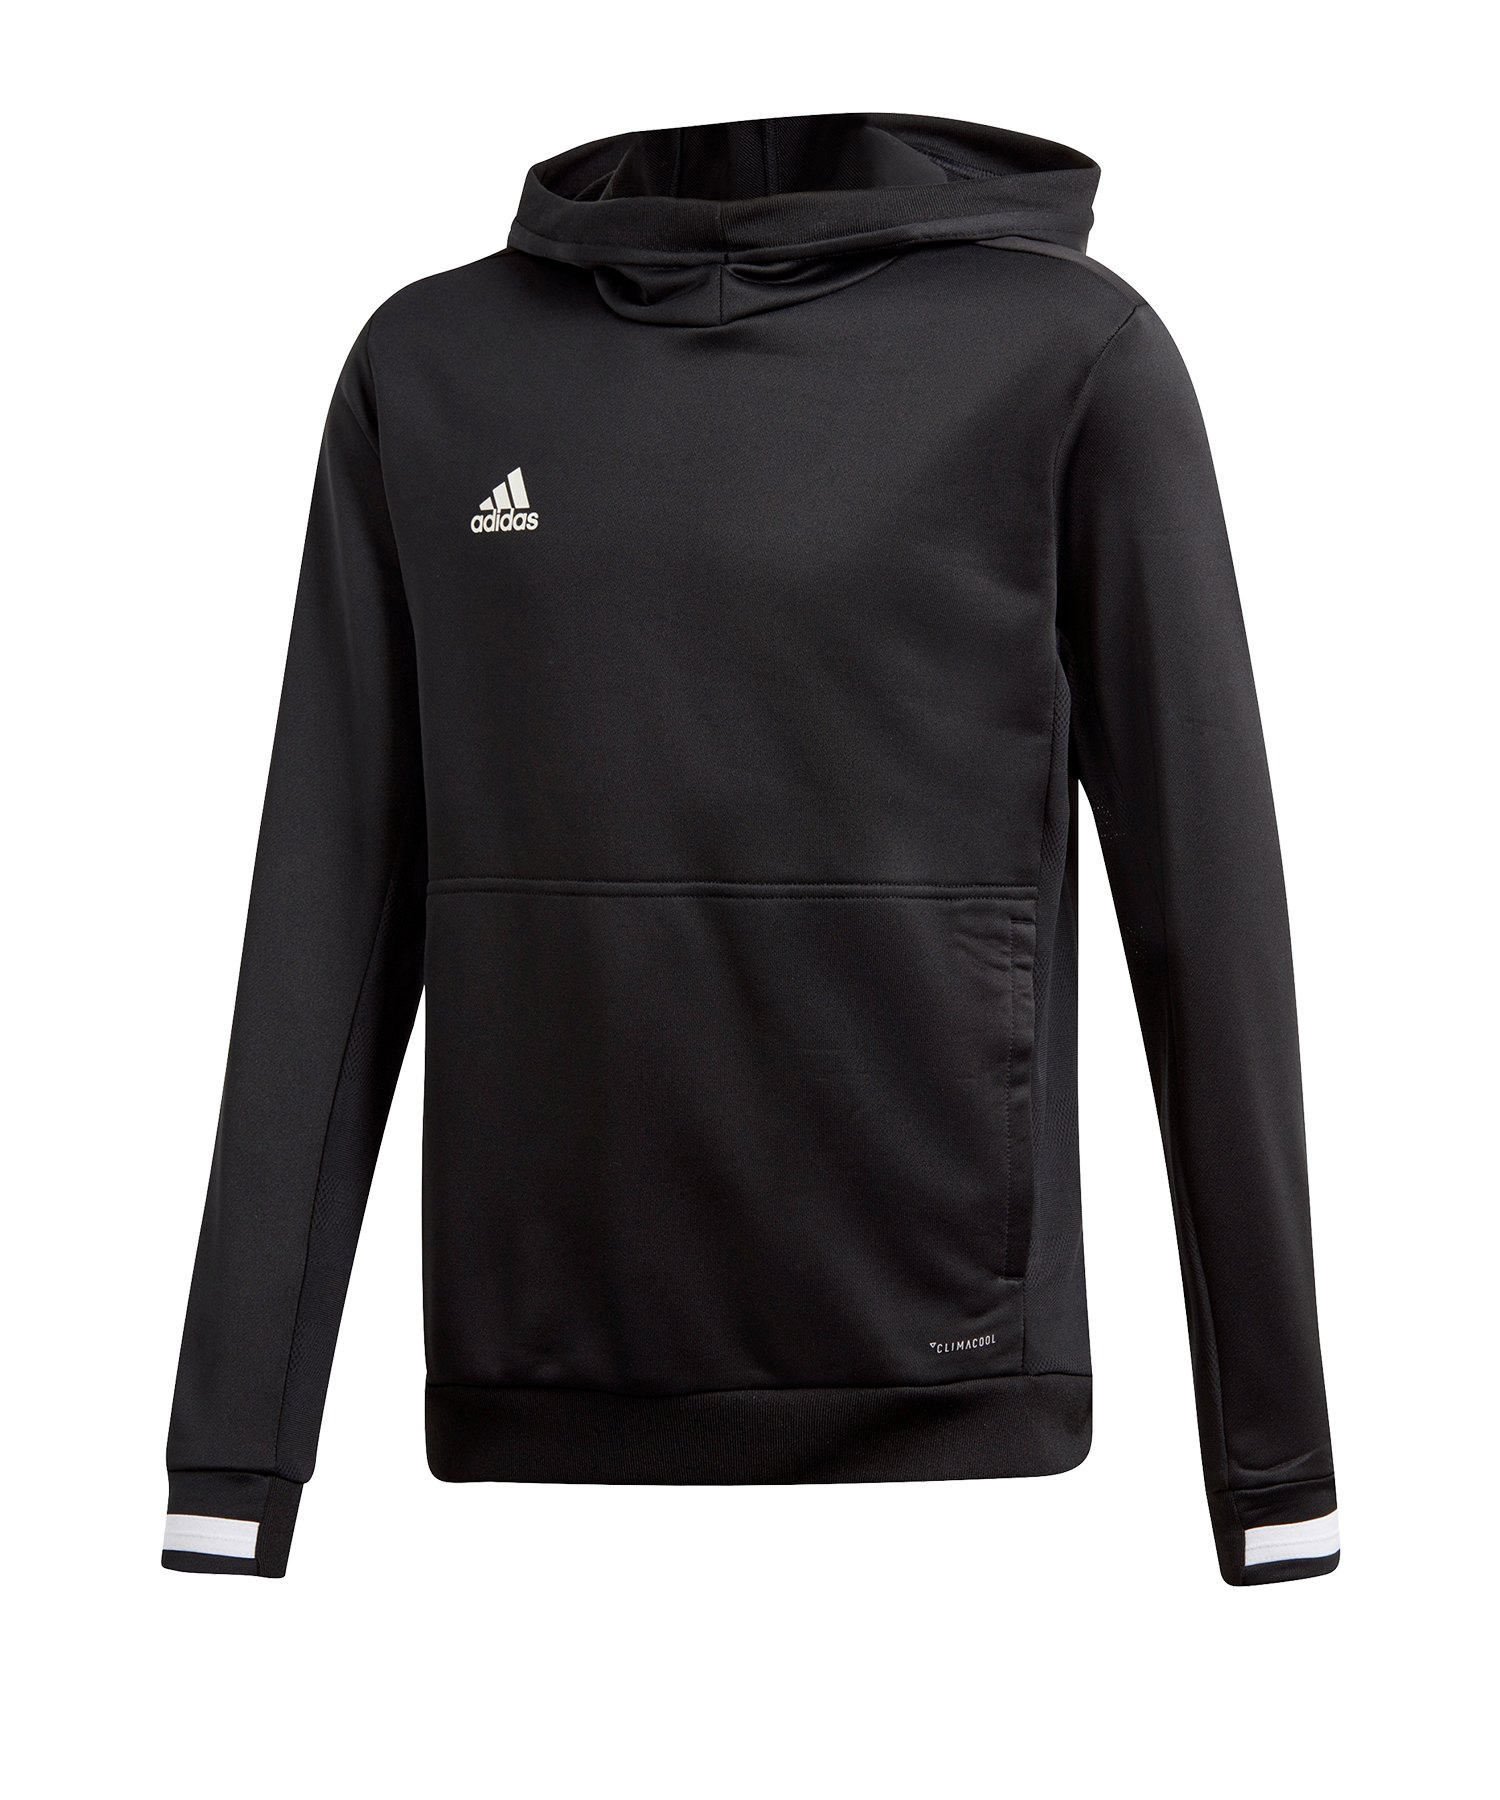 adidas Team 19 Kapuzensweatshirt Kids Schwarz - schwarz